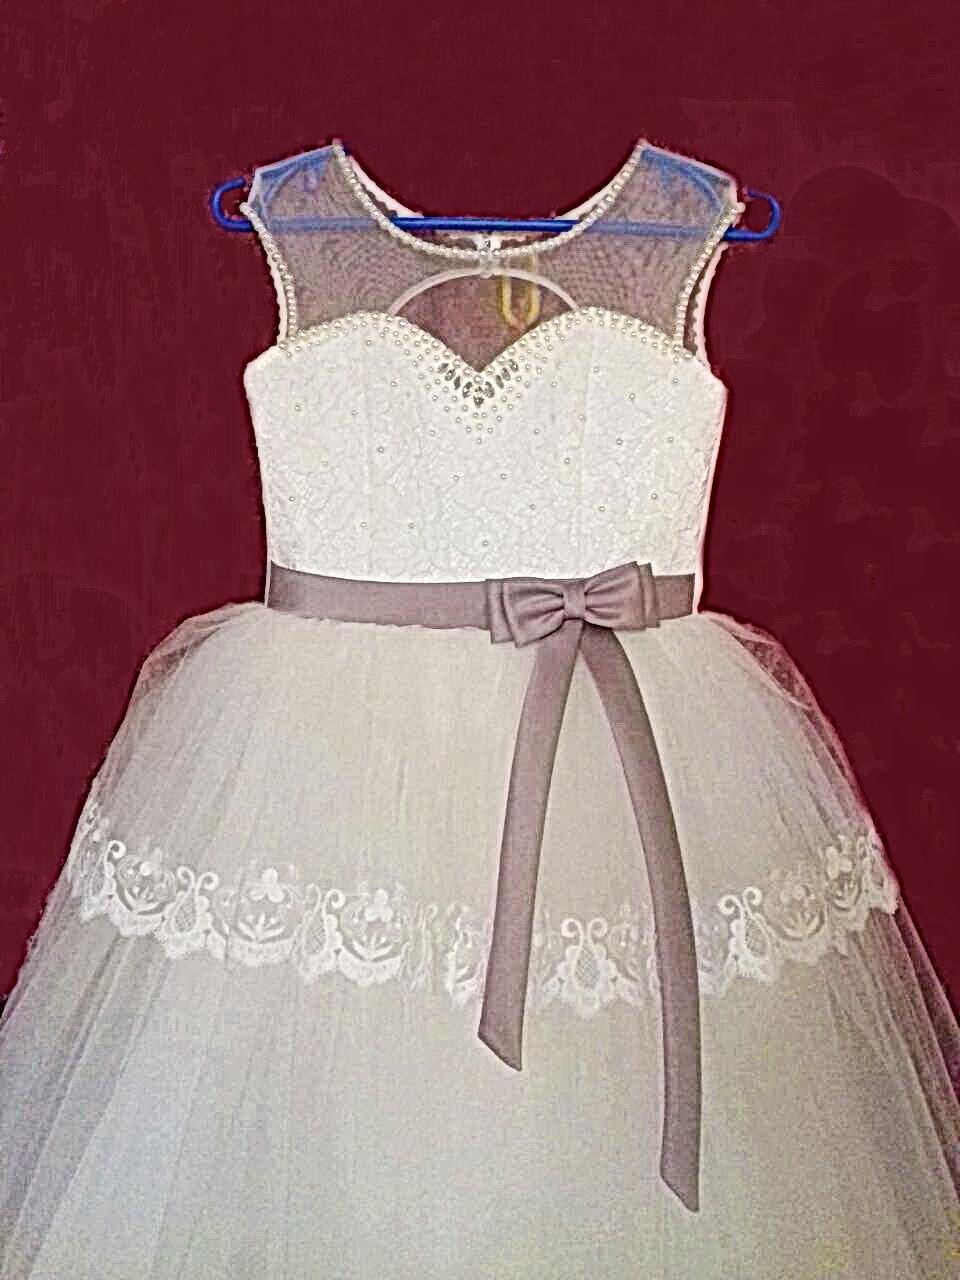 Нарядное бальное платье на девочку 10 лет с пышной фатиновой юбкой